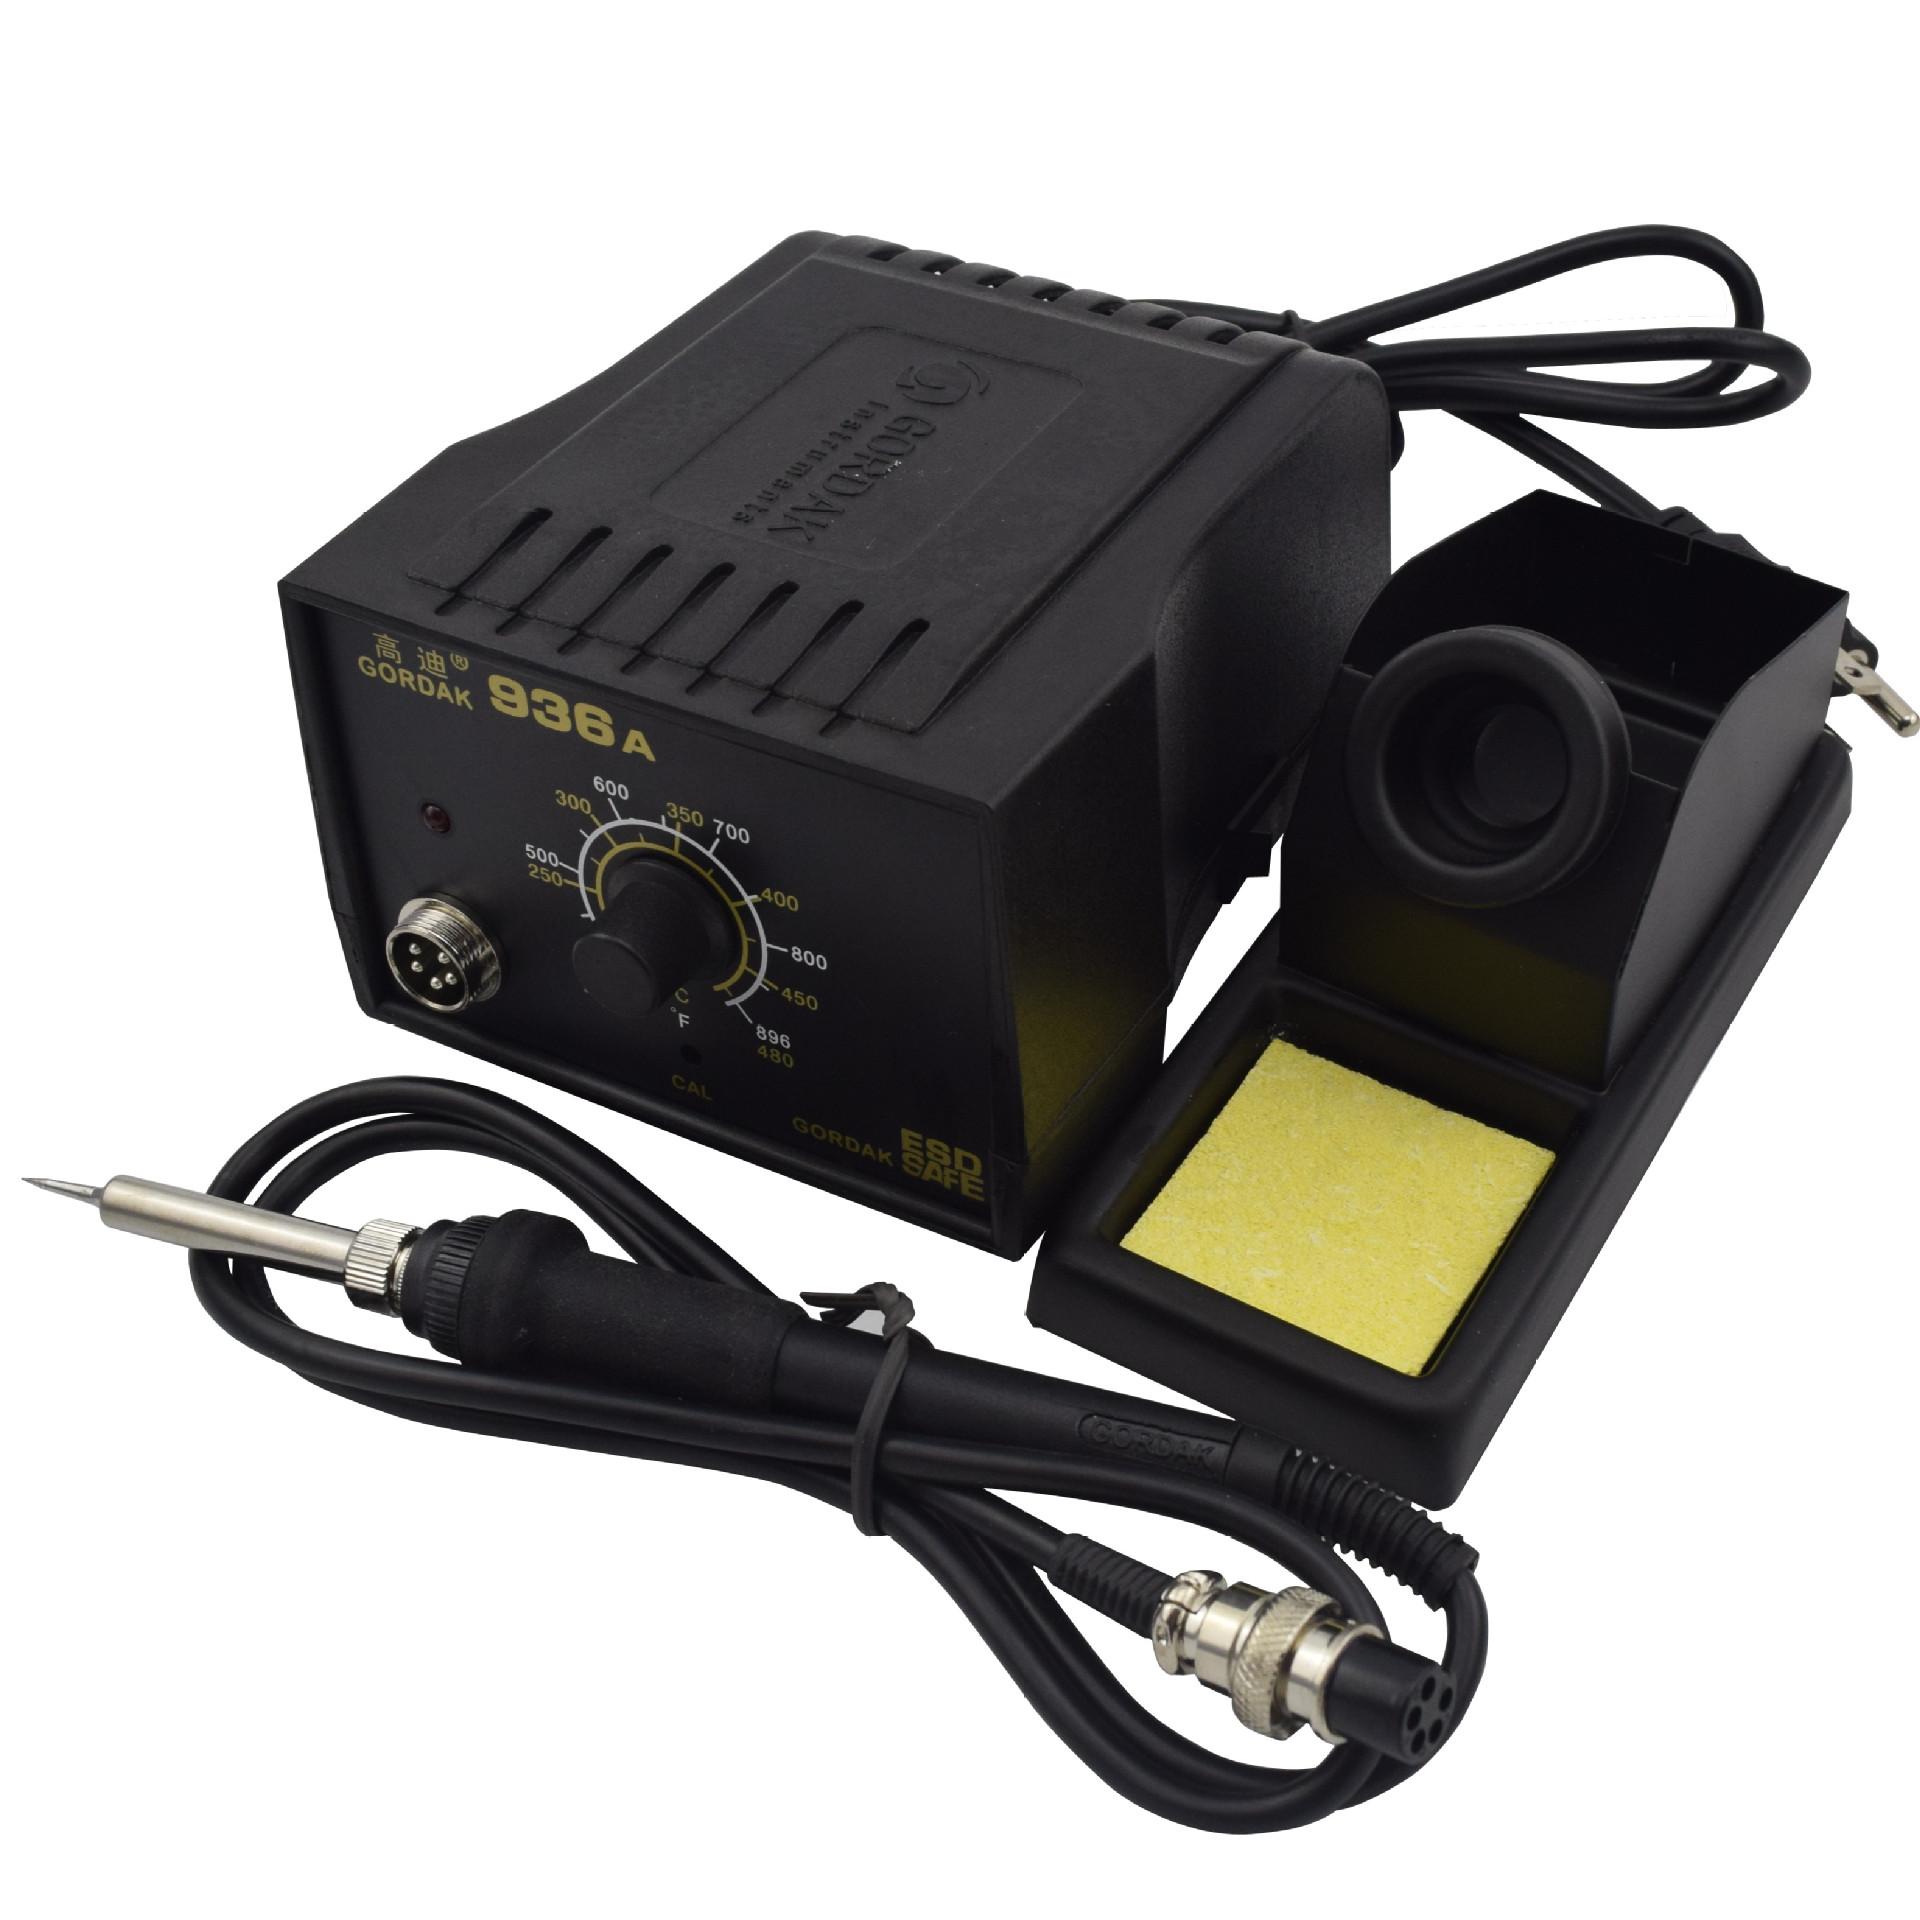 原装高迪936A防静电恒温焊台 调温电铬铁 60W焊接电焊台